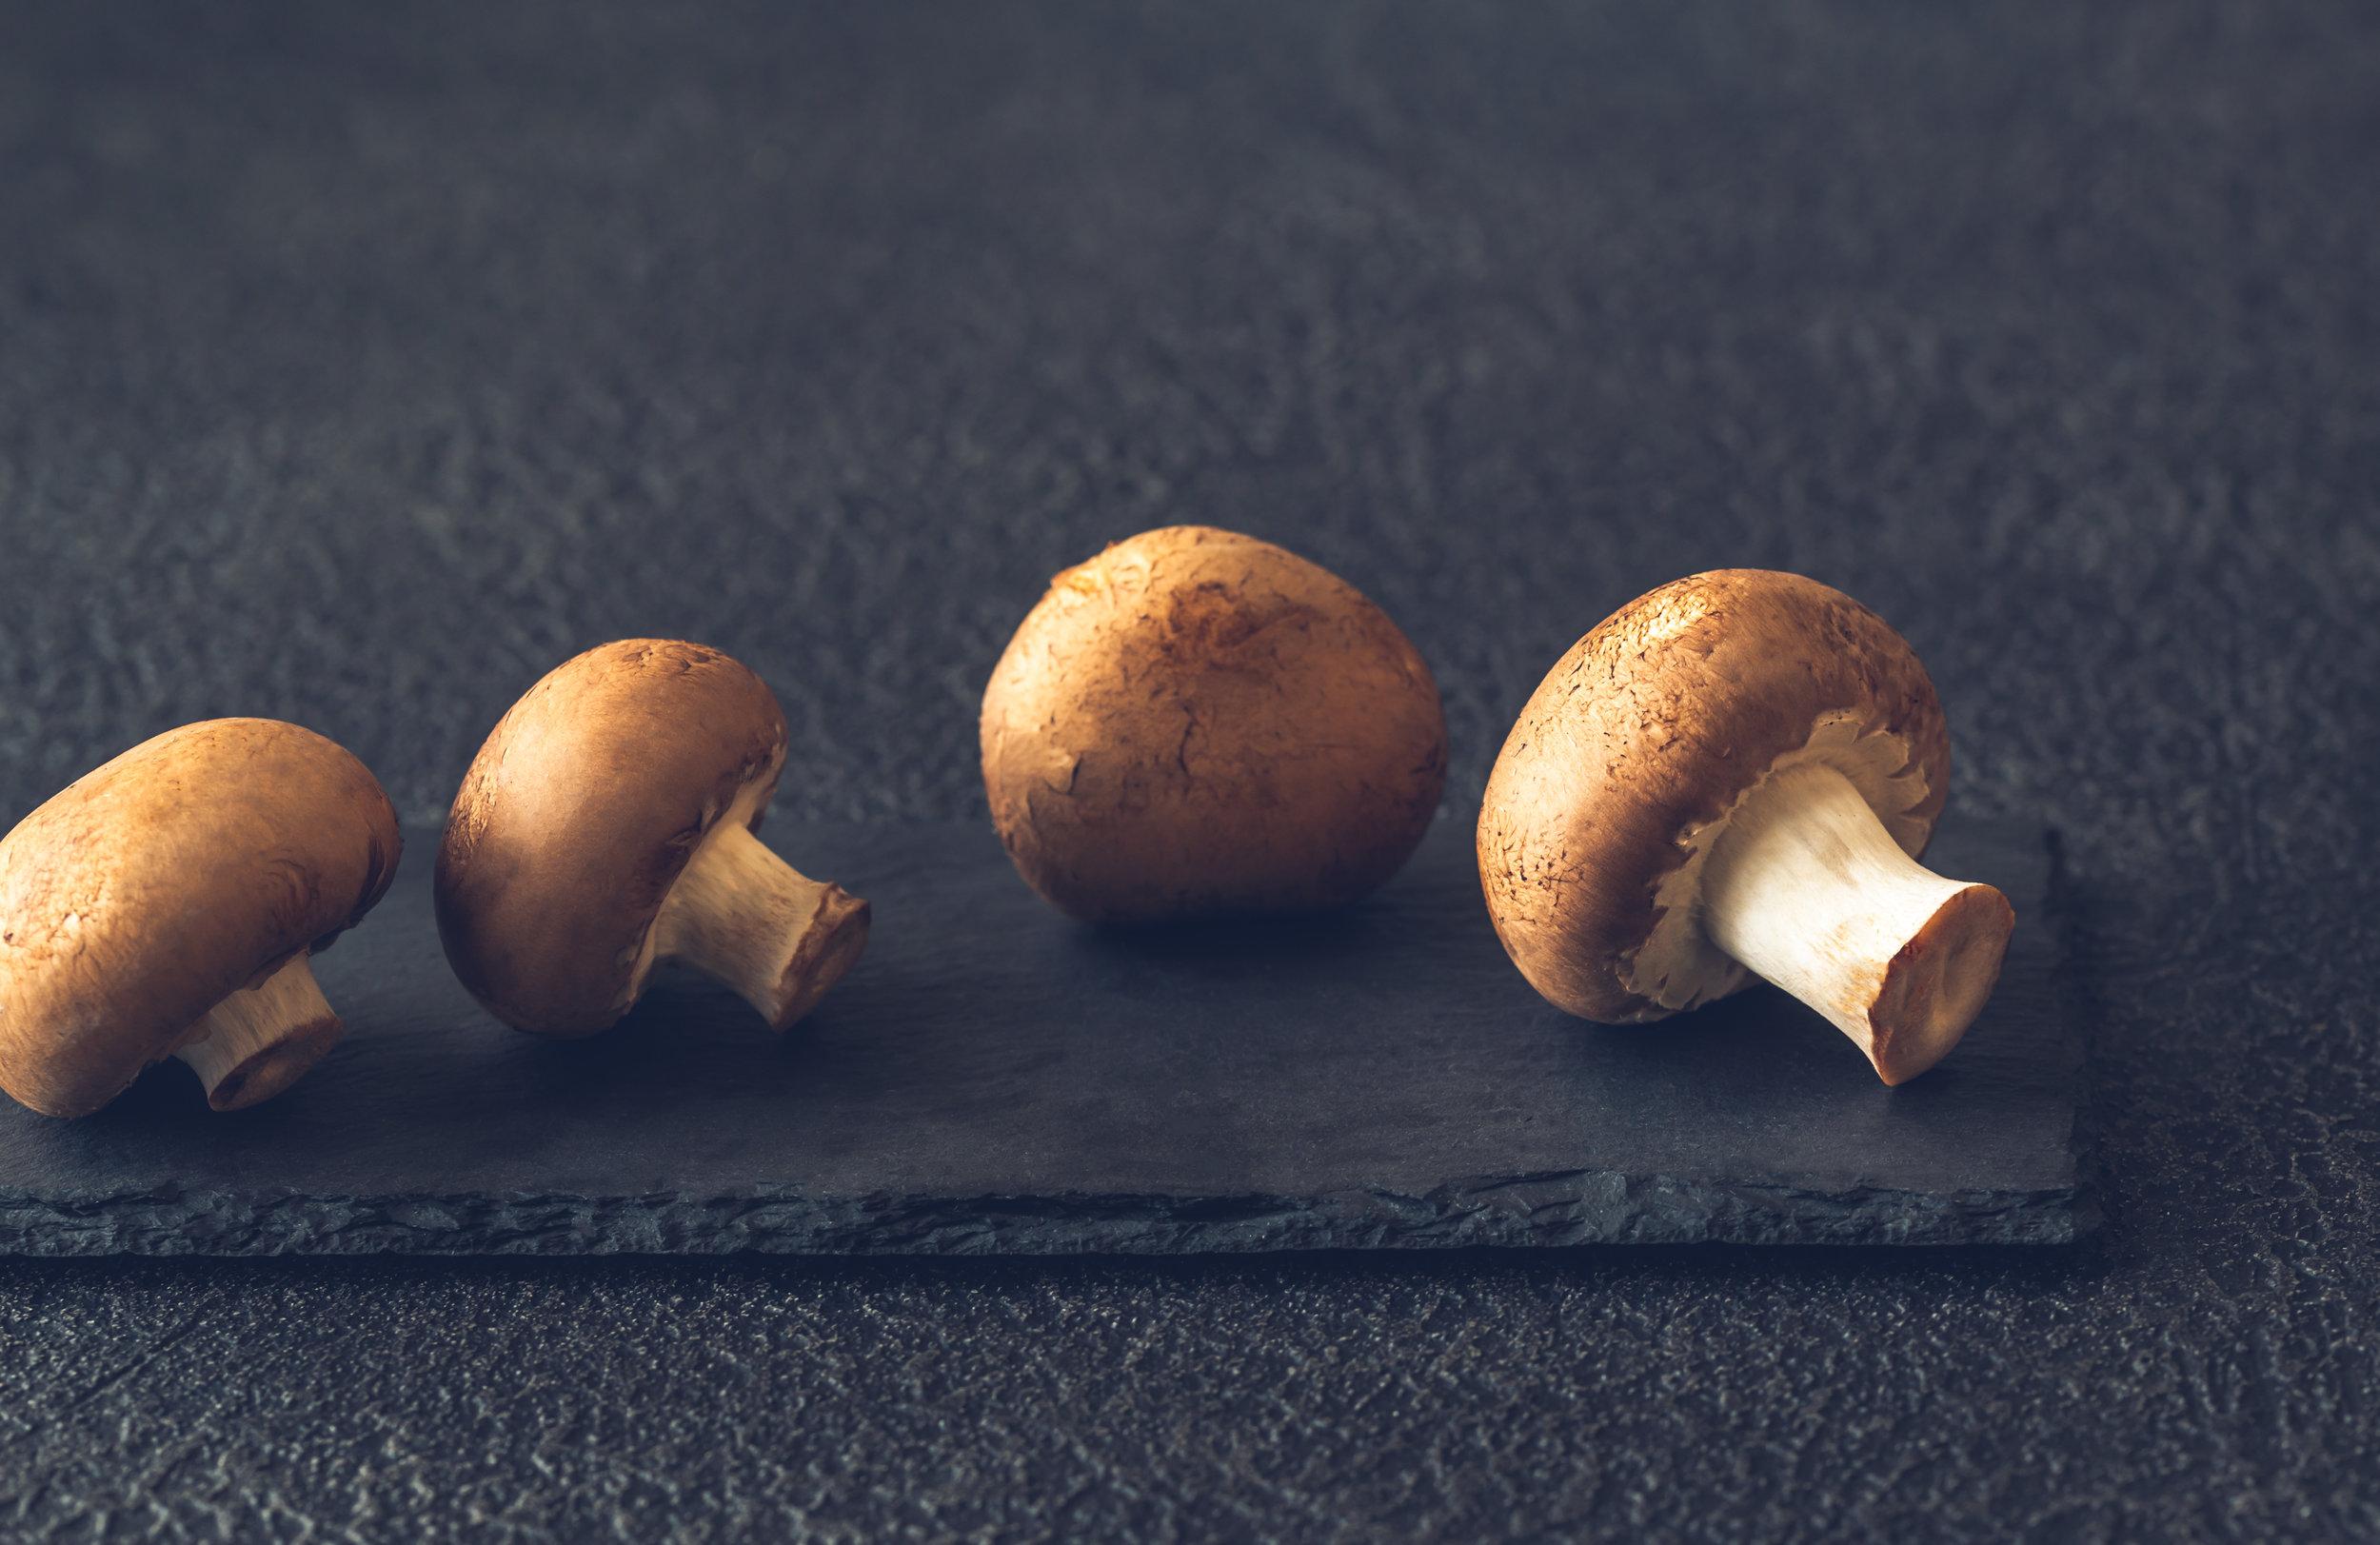 swiss-brown-mushrooms-58QR7FV.jpg